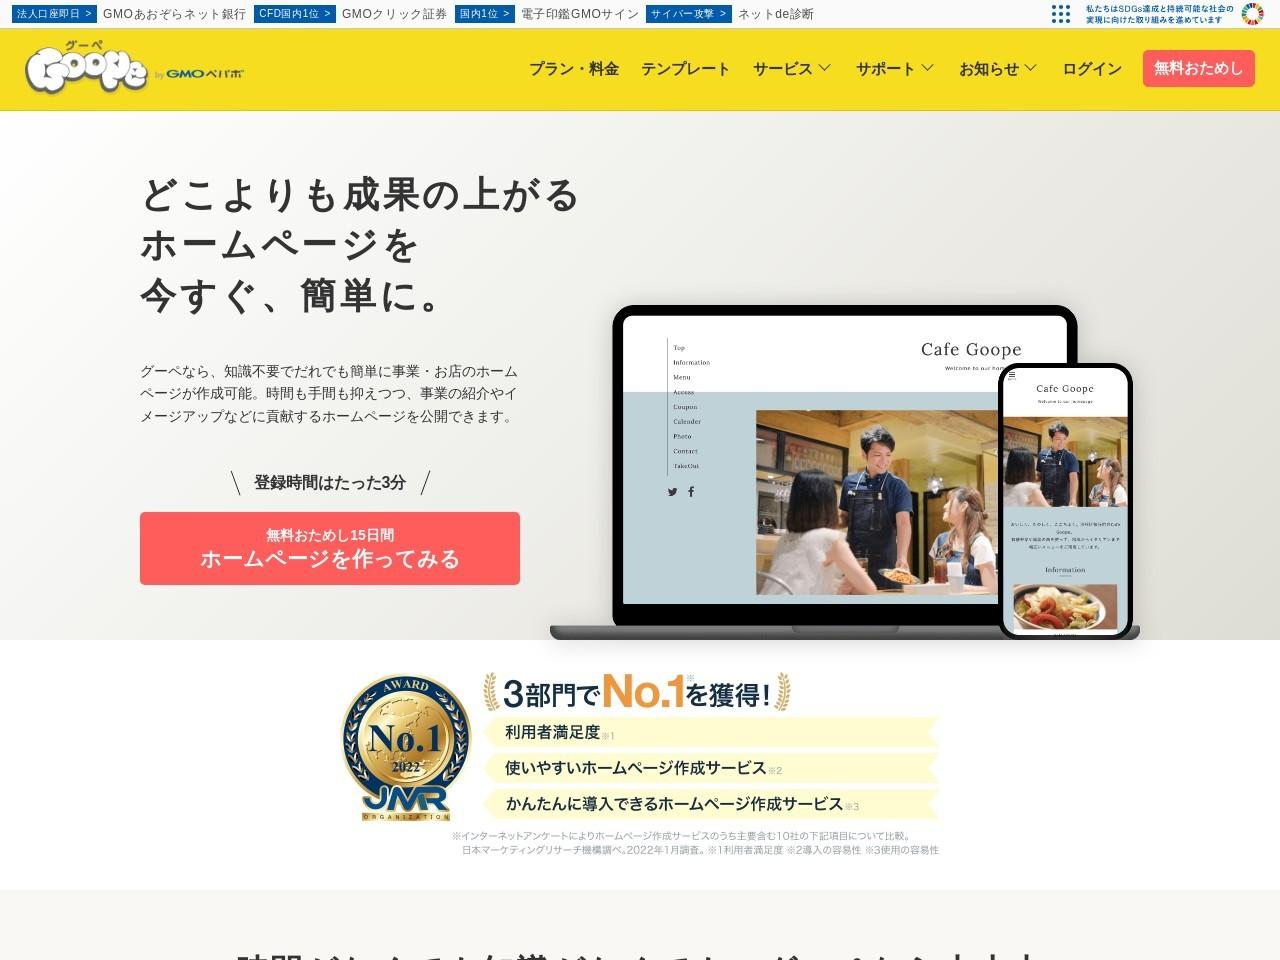 http://r.goope.jp/besideofyou